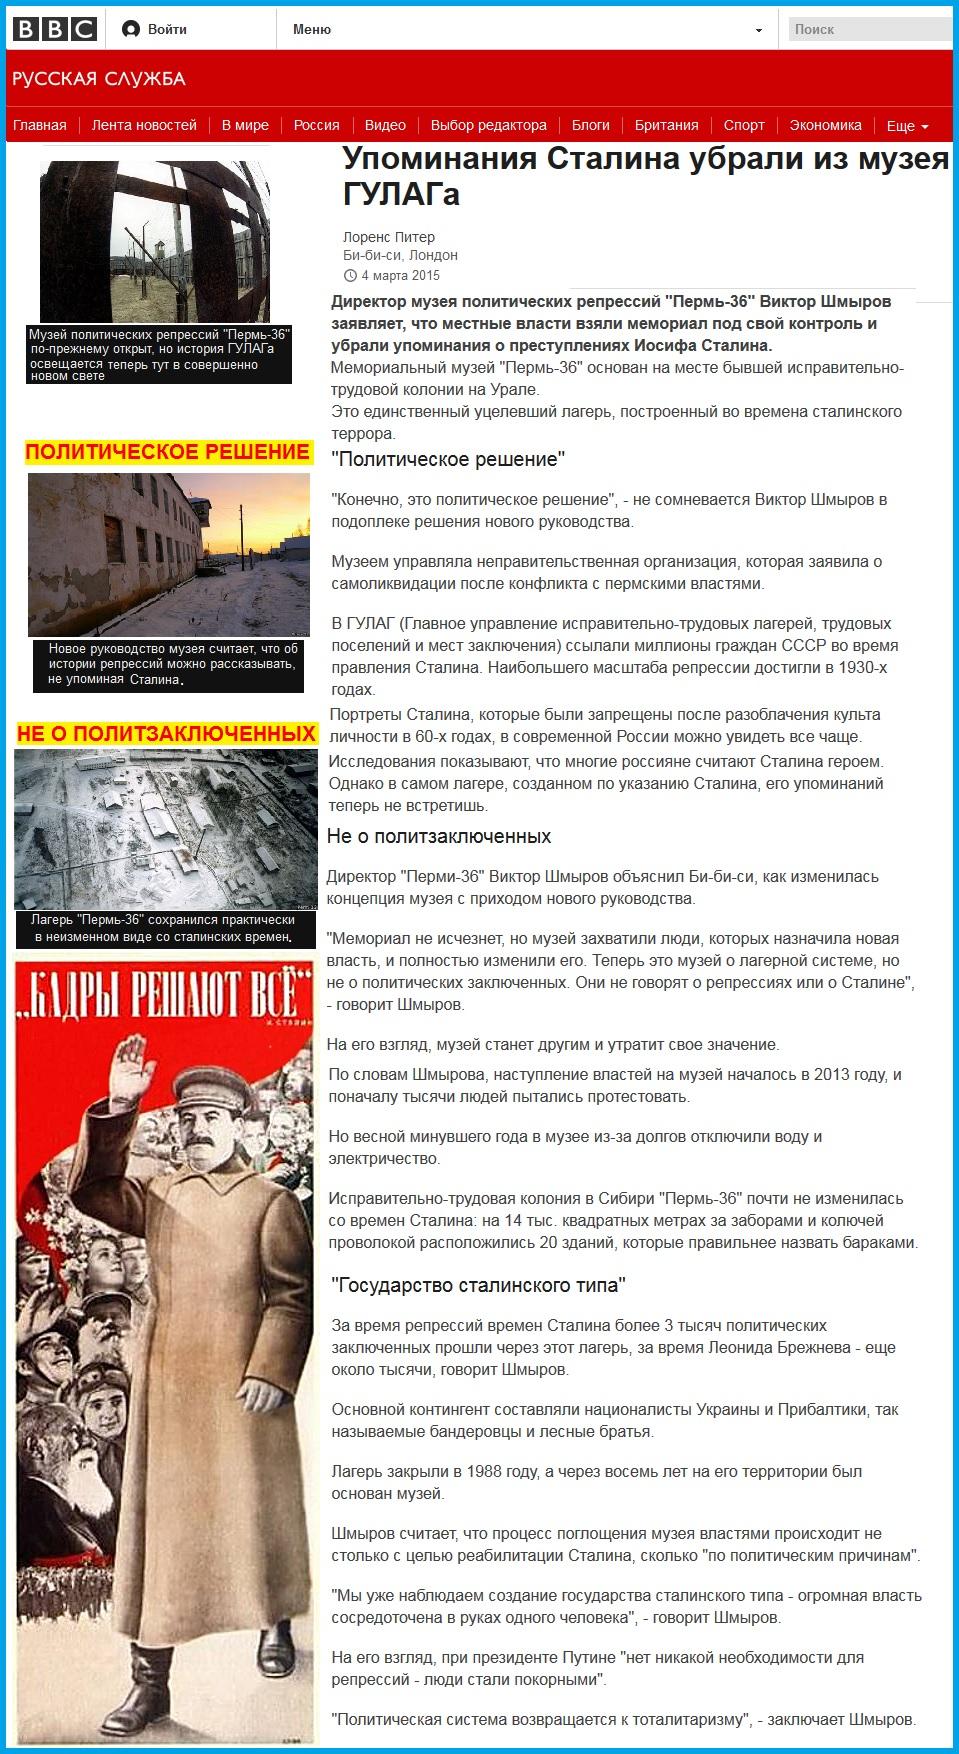 Сталин уже не убийца миллионов в Гулаге. Кадры решают всё. Пост. Сталинизм